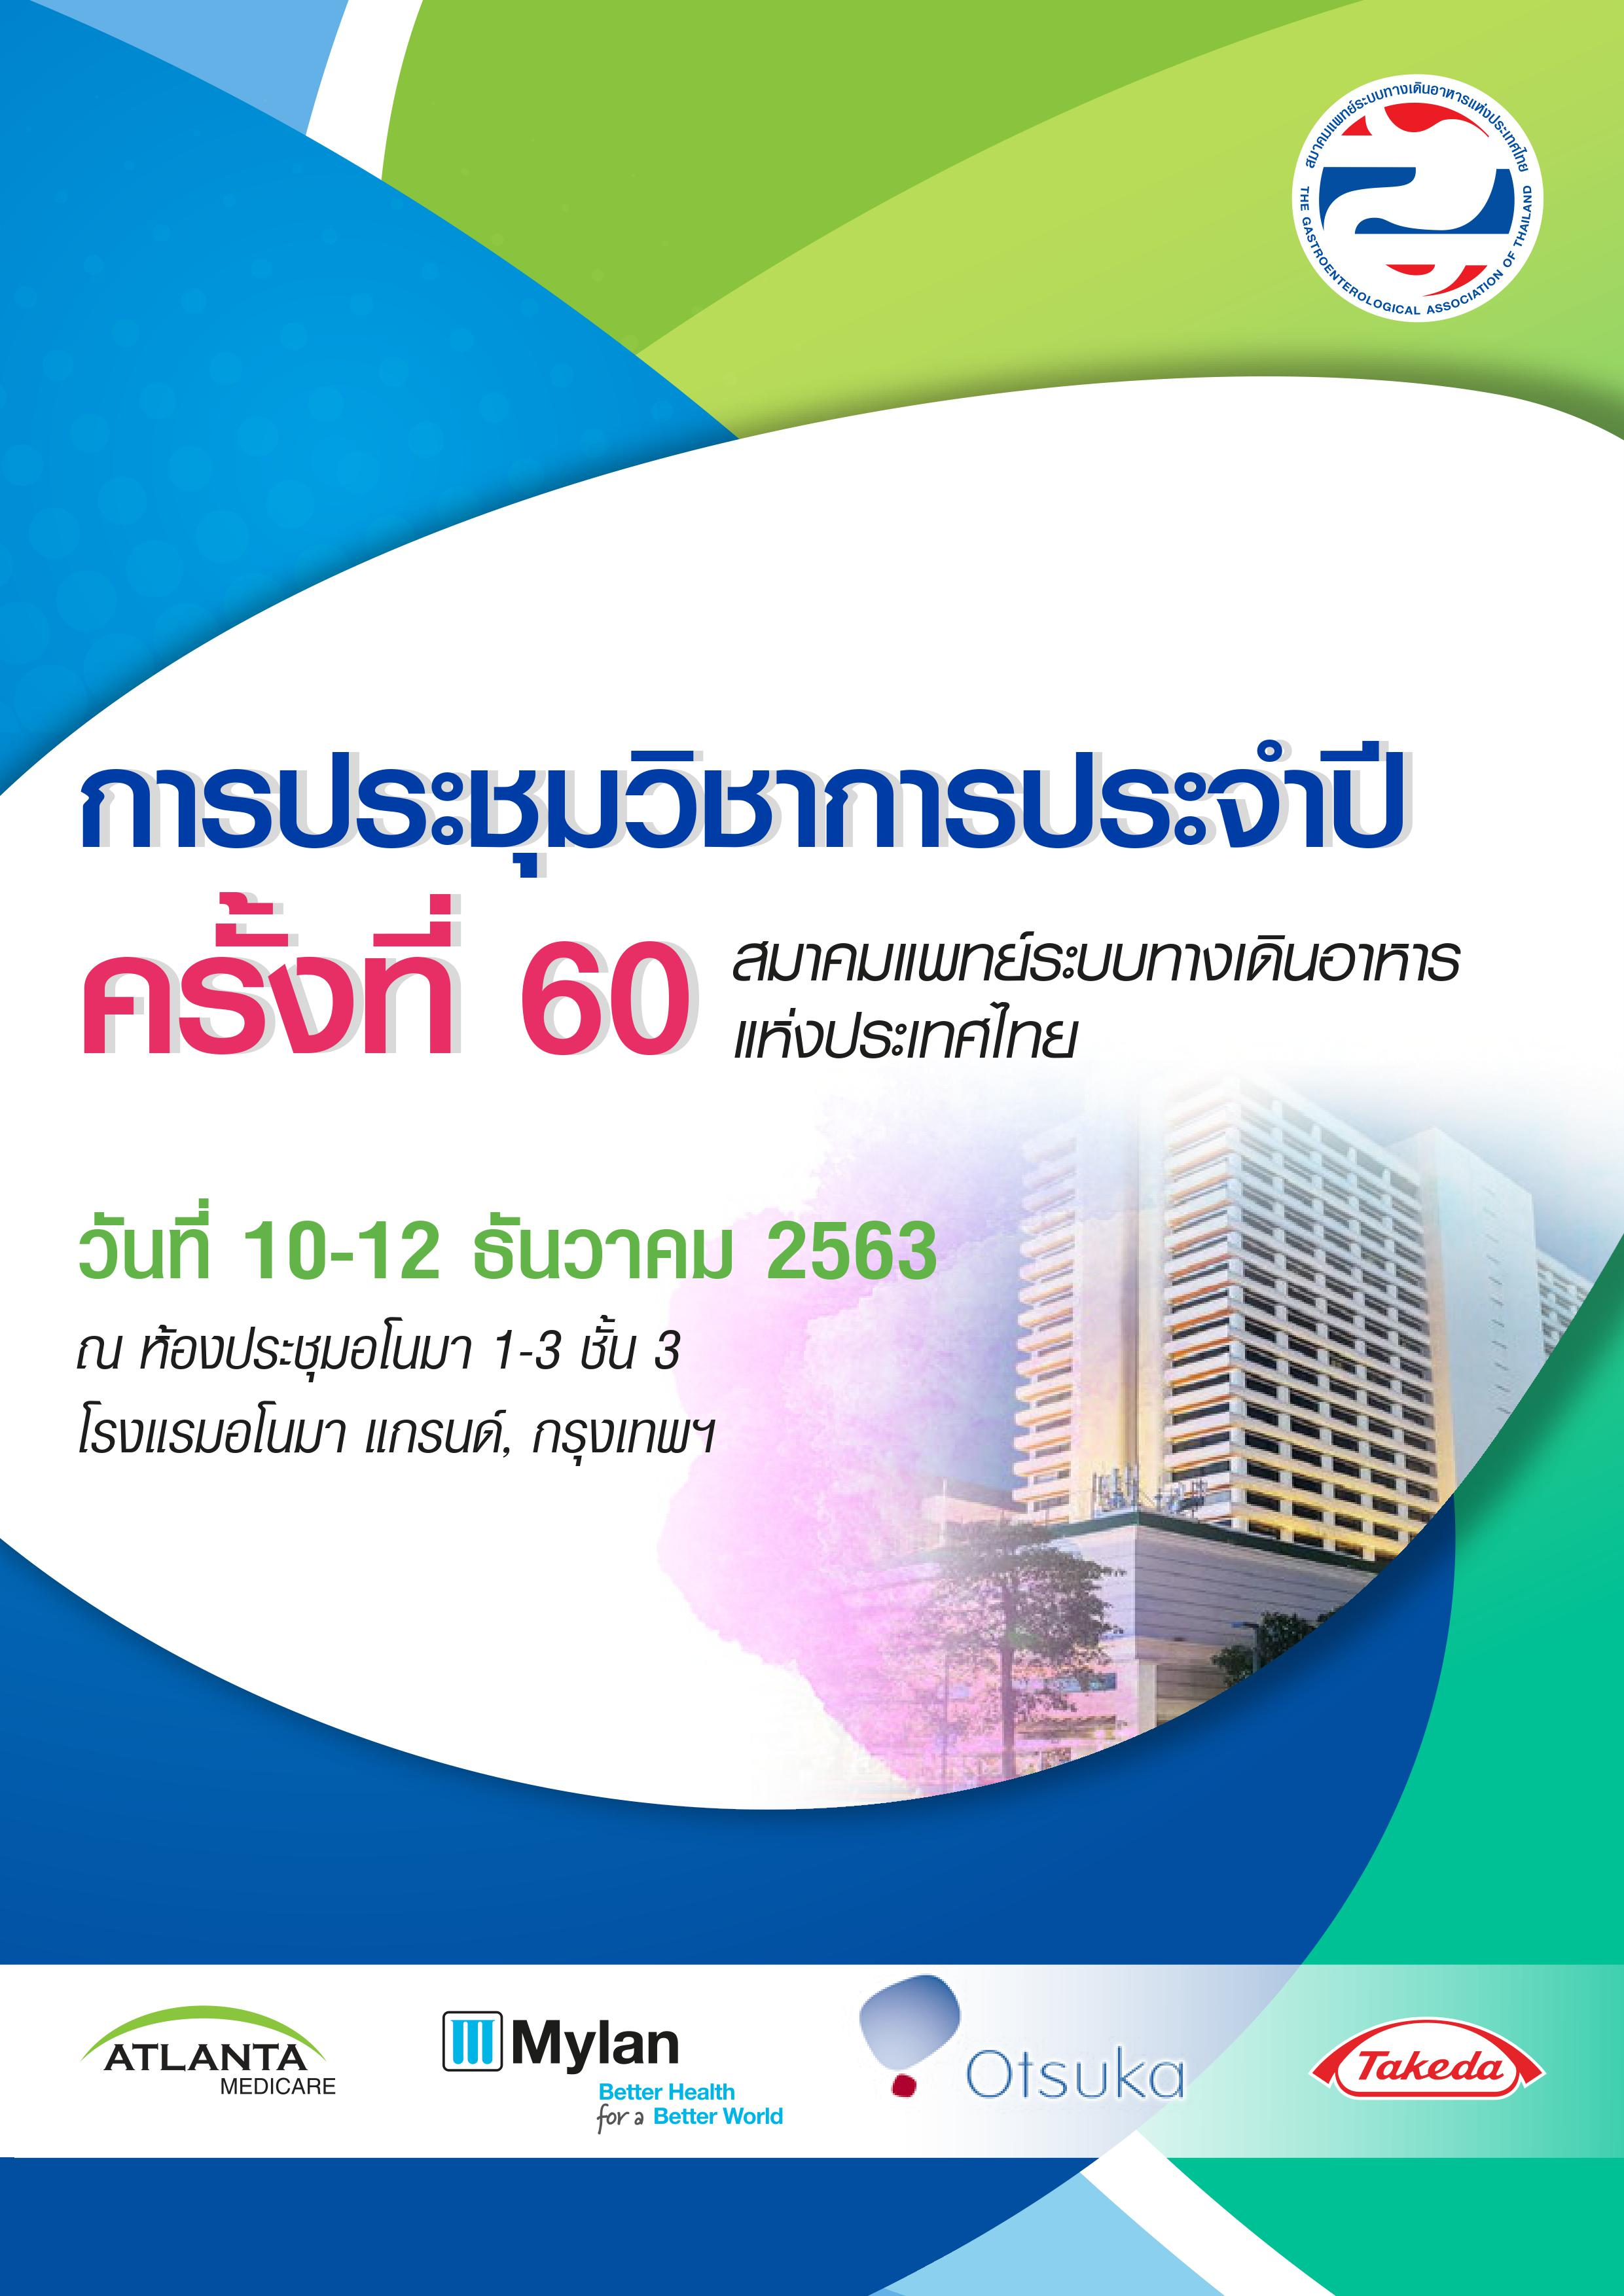 การประชุมวิชาการประจำปี ครั้งที่ 60 สมาคมแพทย์ระบบทางเดินอาหารแห่งประเทศไทย